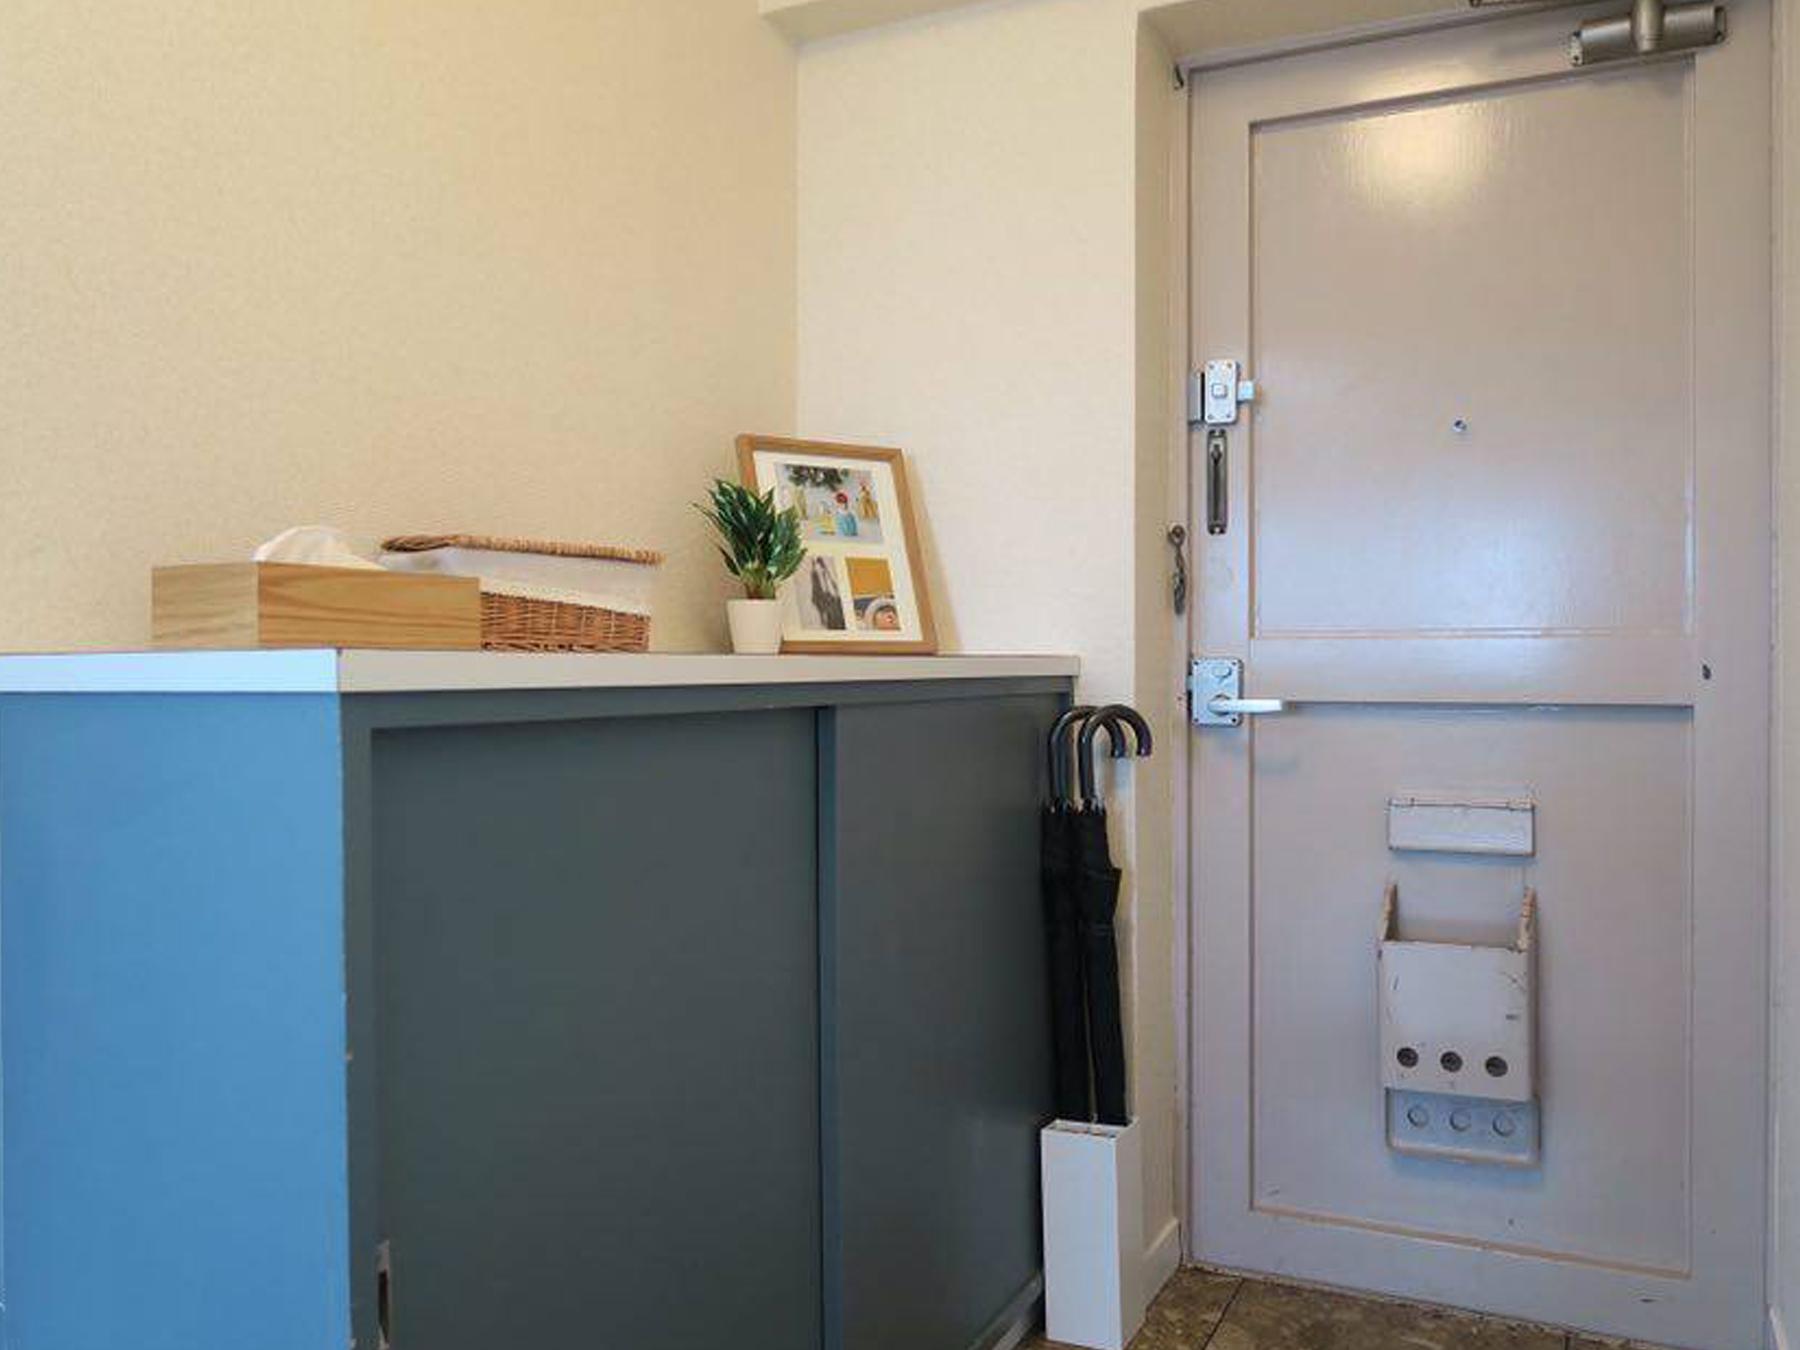 【玄関収納】マグネットシートを活用した快適な玄関へ。傘立ての問題もこれで解決です!